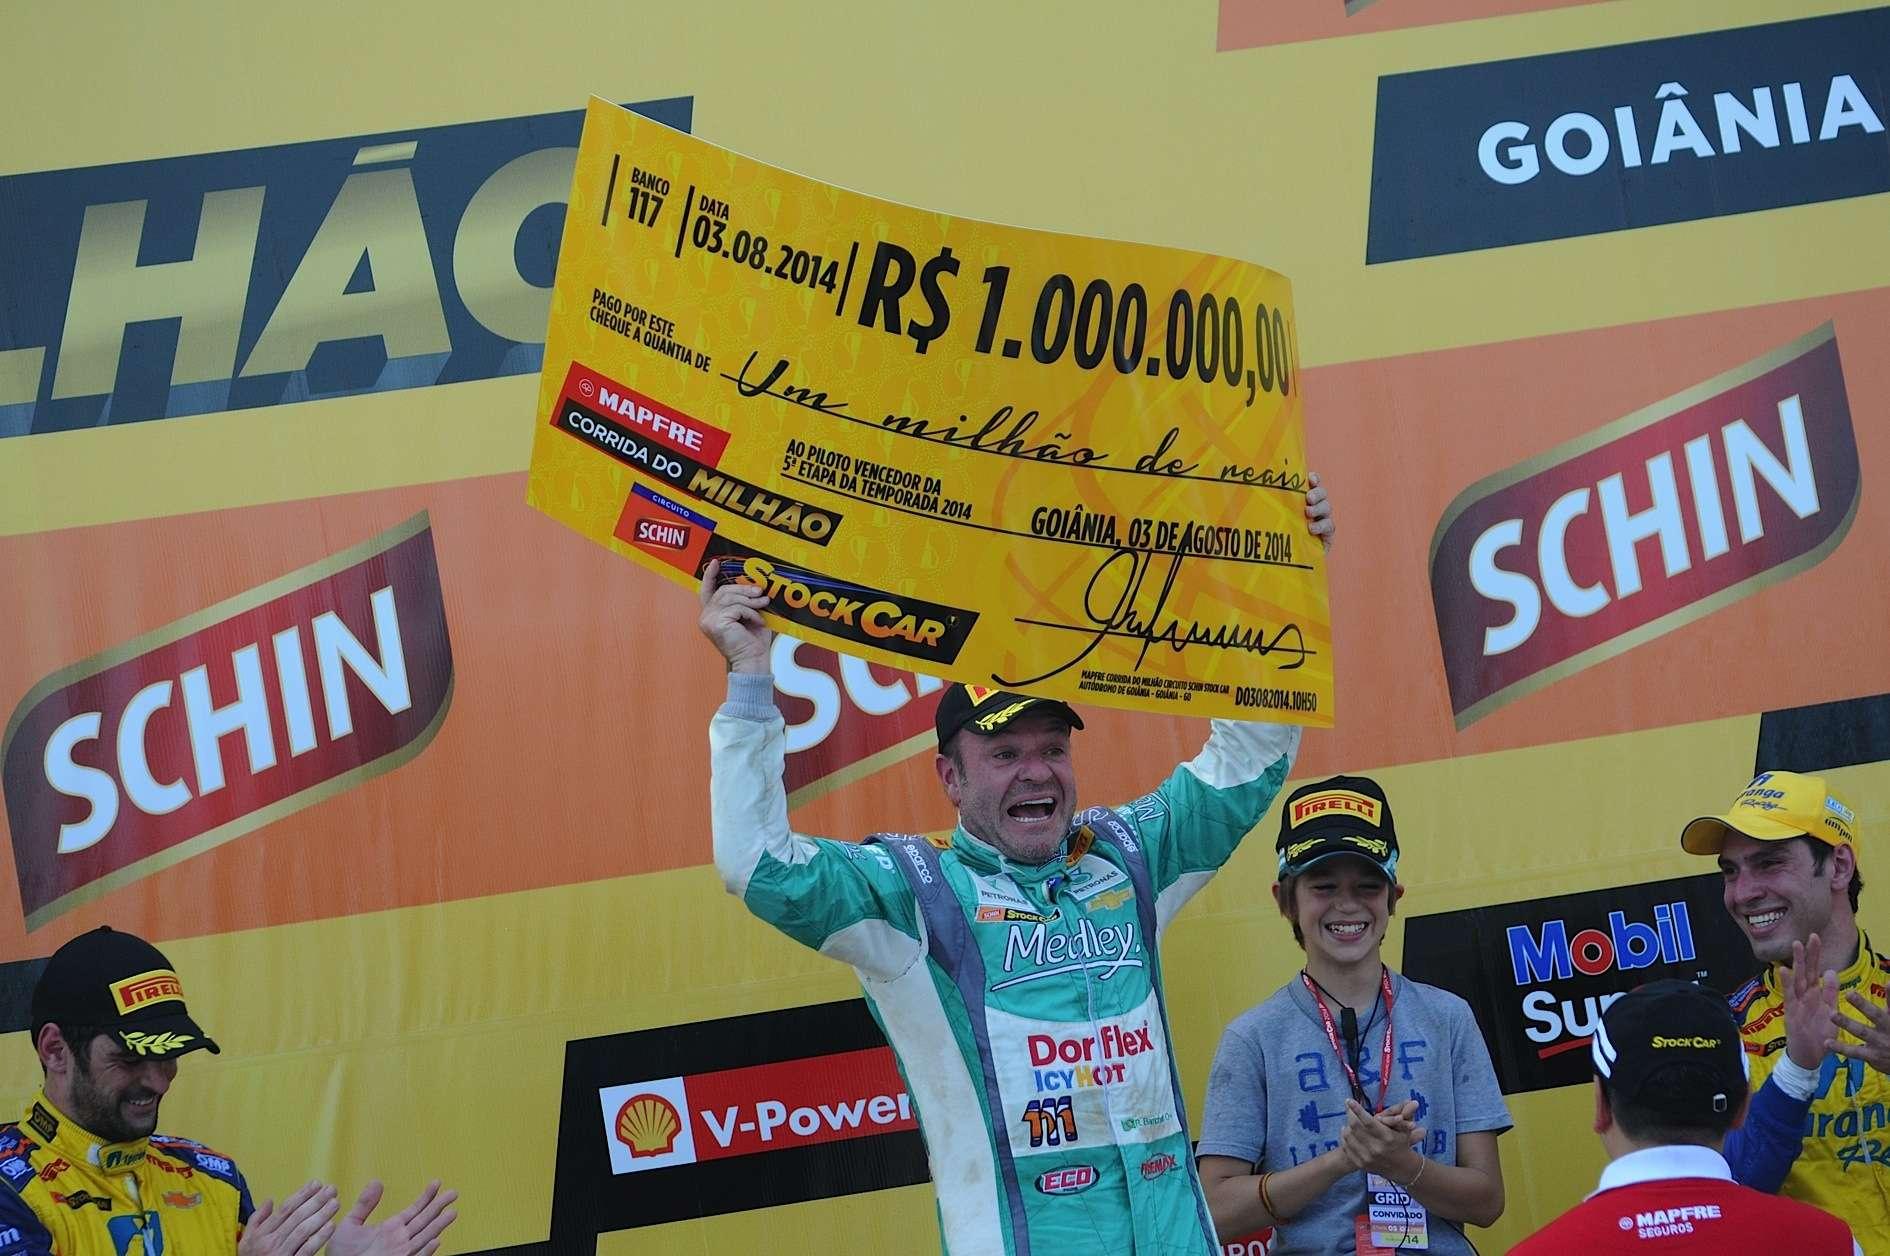 Rubens Barrichello levanta cheque simbólico da Corrida do Milhão Foto: Duda Bairros/Vicar/Divulgação